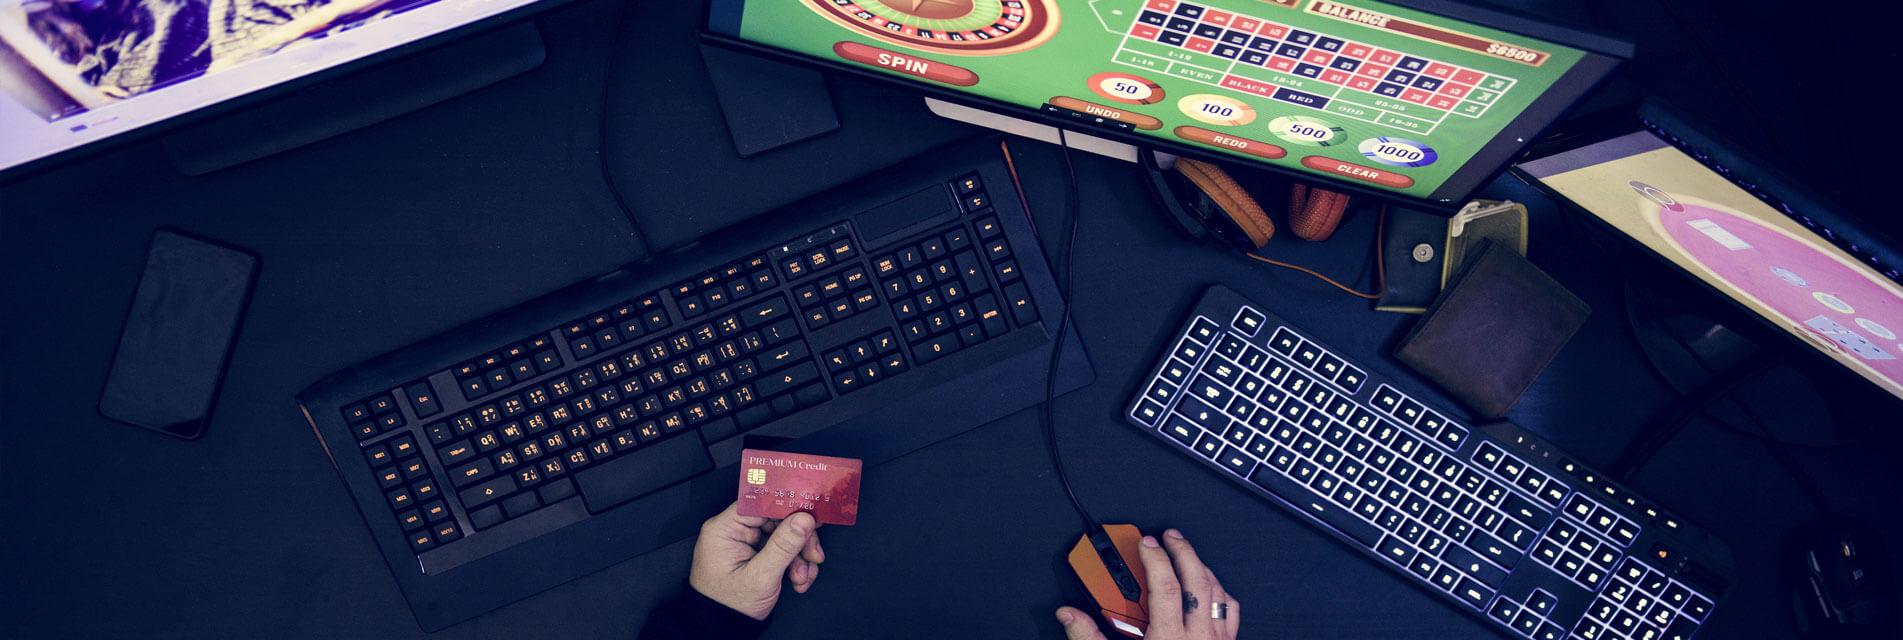 aide-aux-joueurs-jeux-hasard-ligne